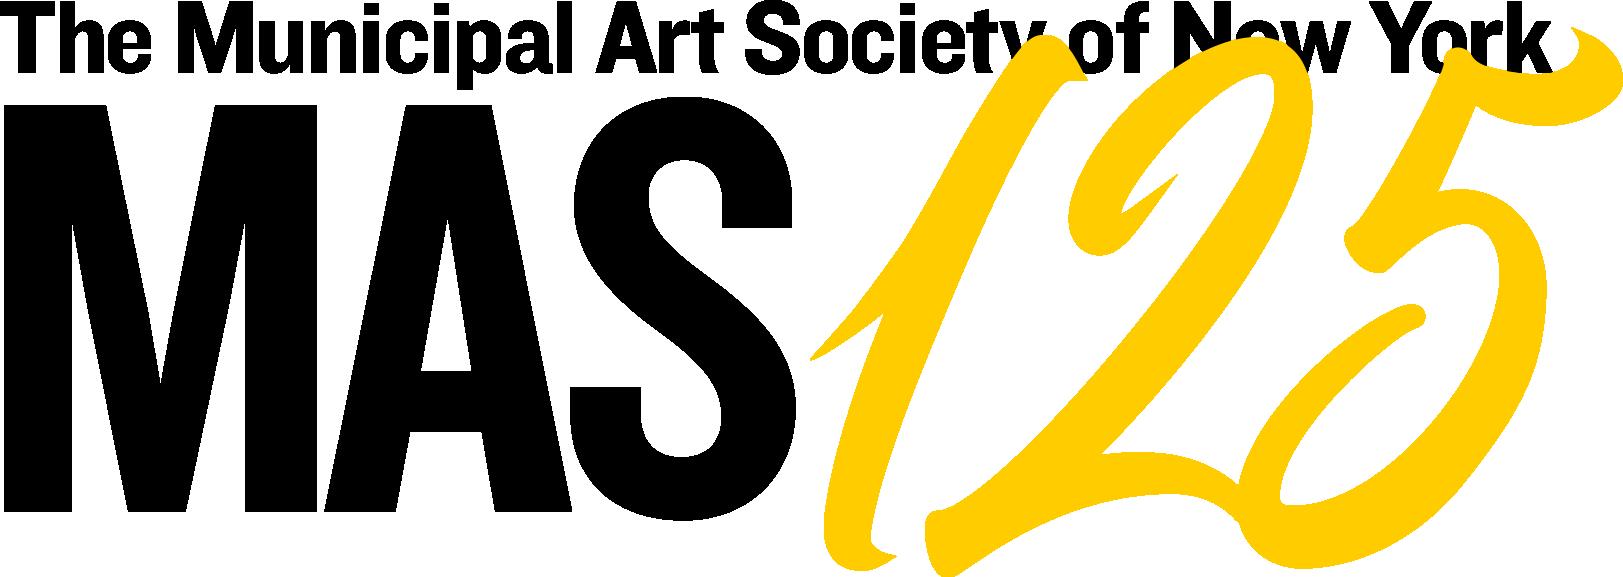 MAS_125_logo_blackyellow_whitebg.png